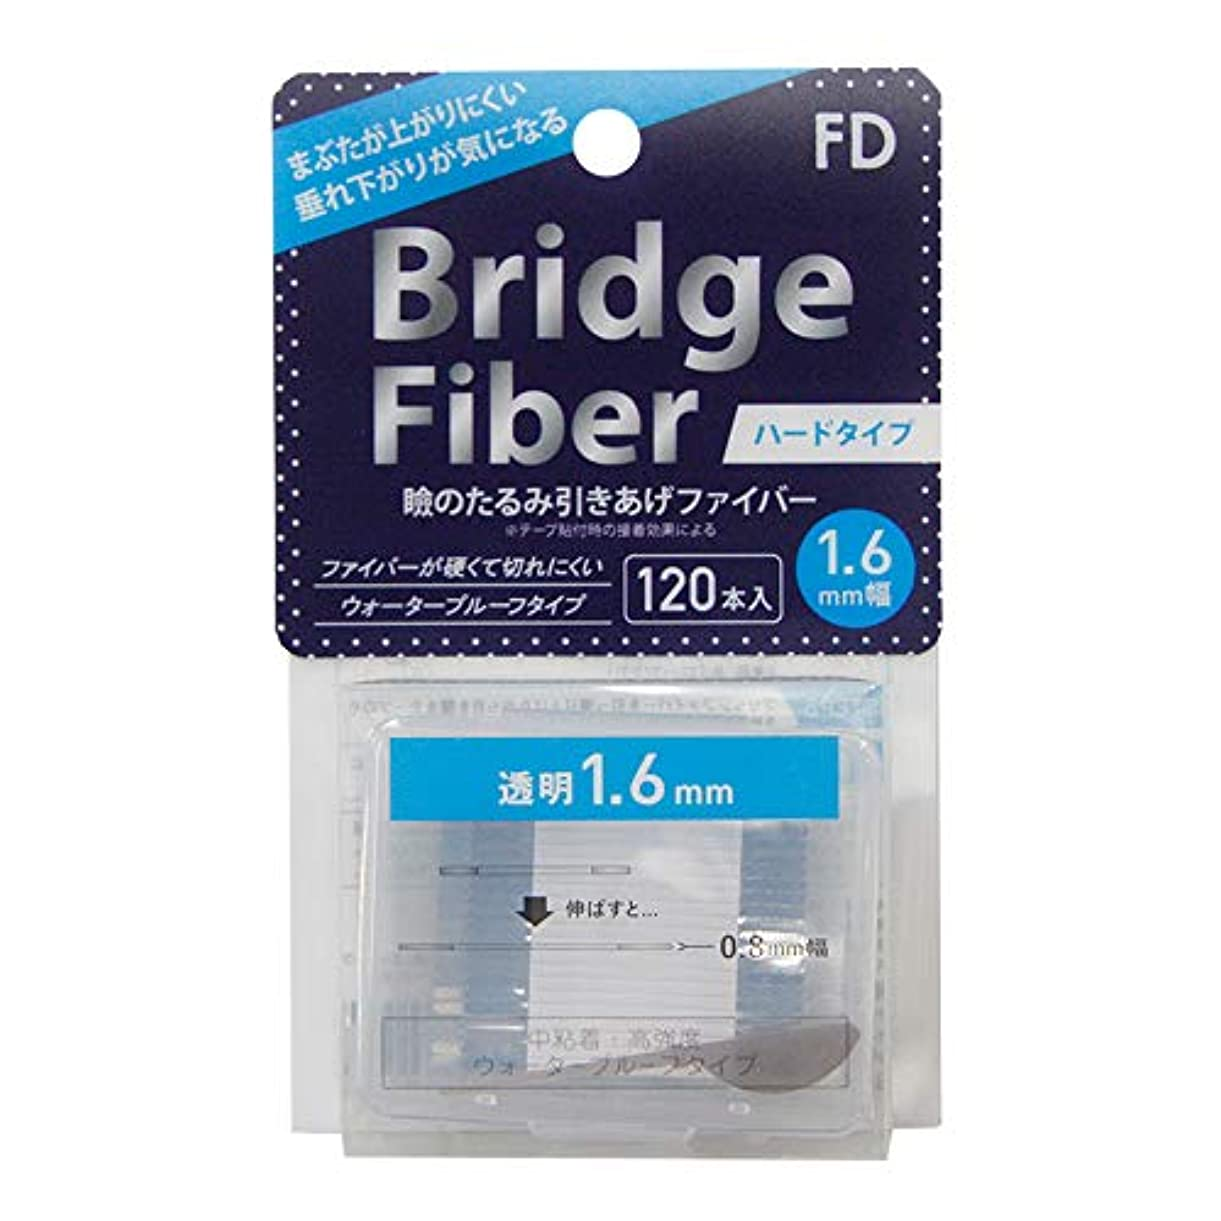 動機付けるポルトガル語ハンドブックFD ブリッジハードファイバー 眼瞼下垂防止テープ ハードタイプ 透明1.6mm幅 120本入り